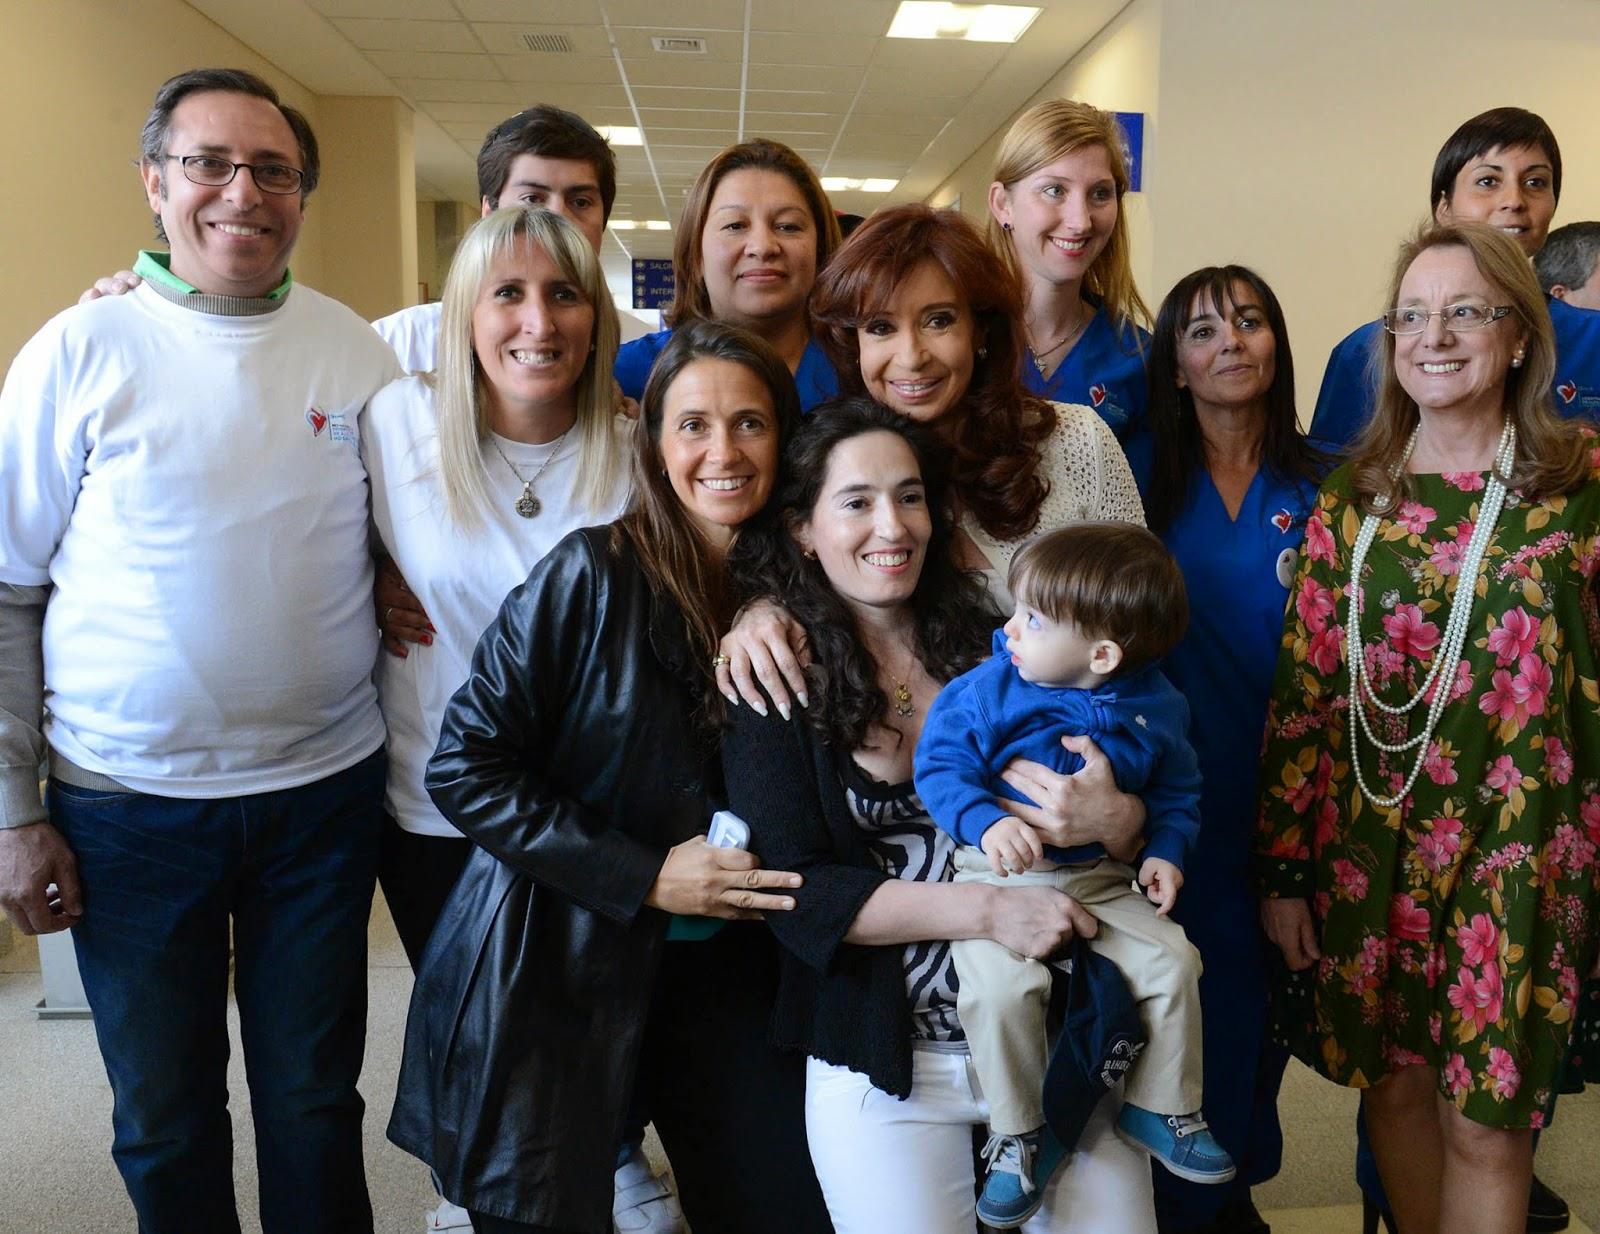 Florencia Kirchner Embarazada: Aseguran Que Florencia Kirchner Está Embarazada